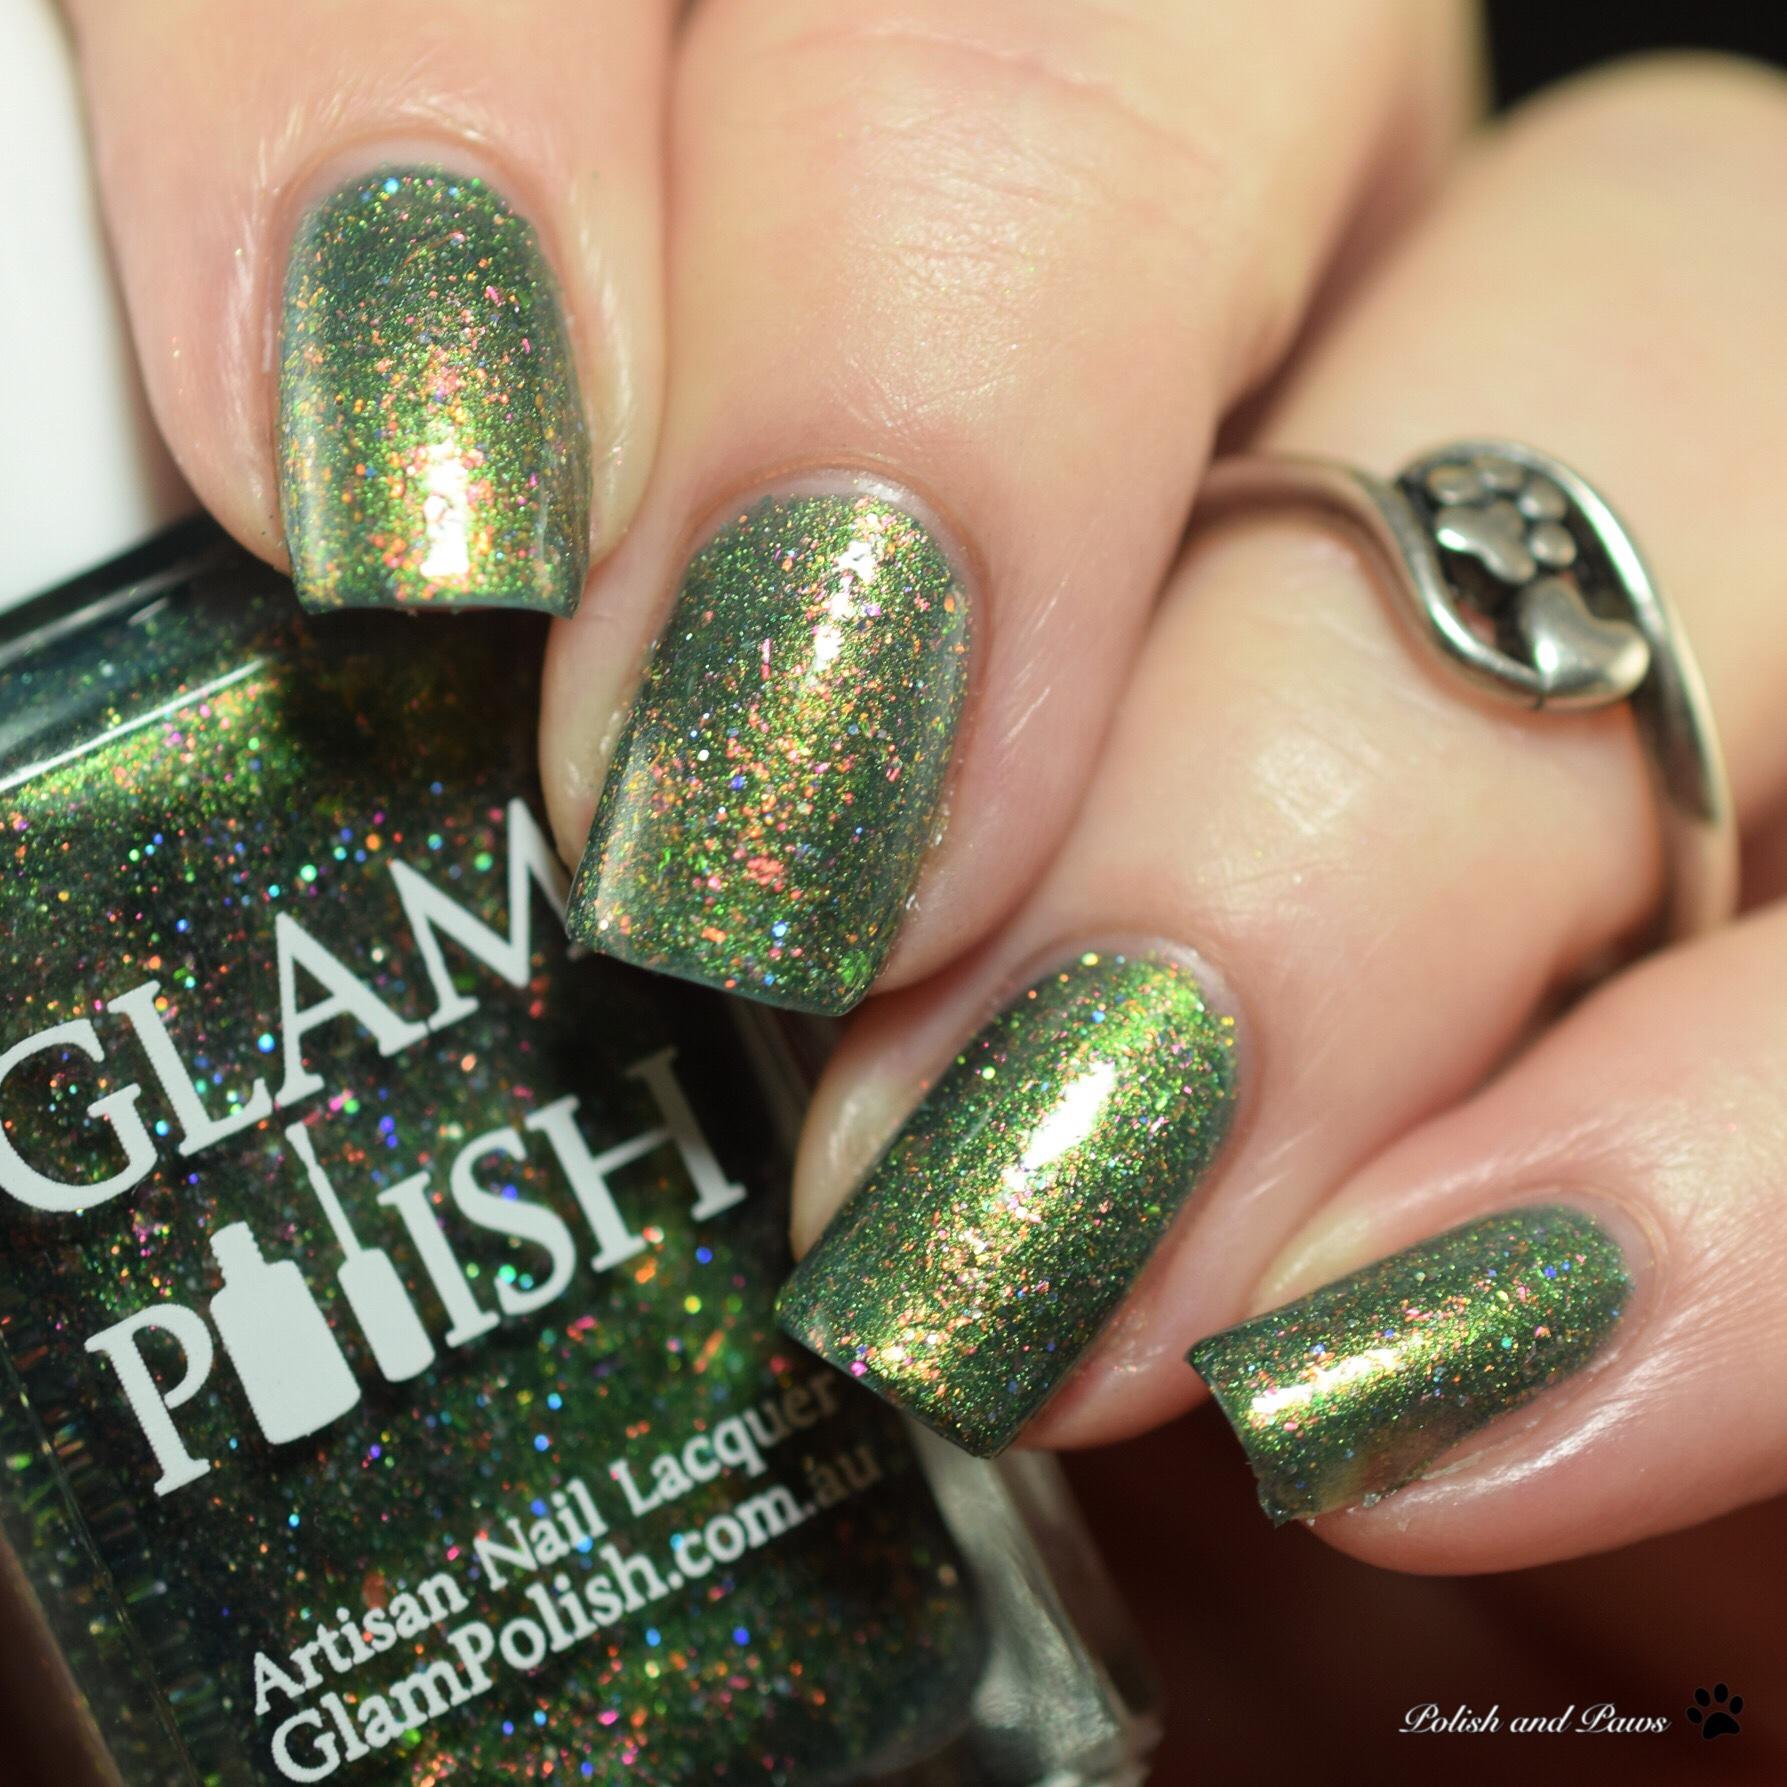 Glam Polish Basilisk